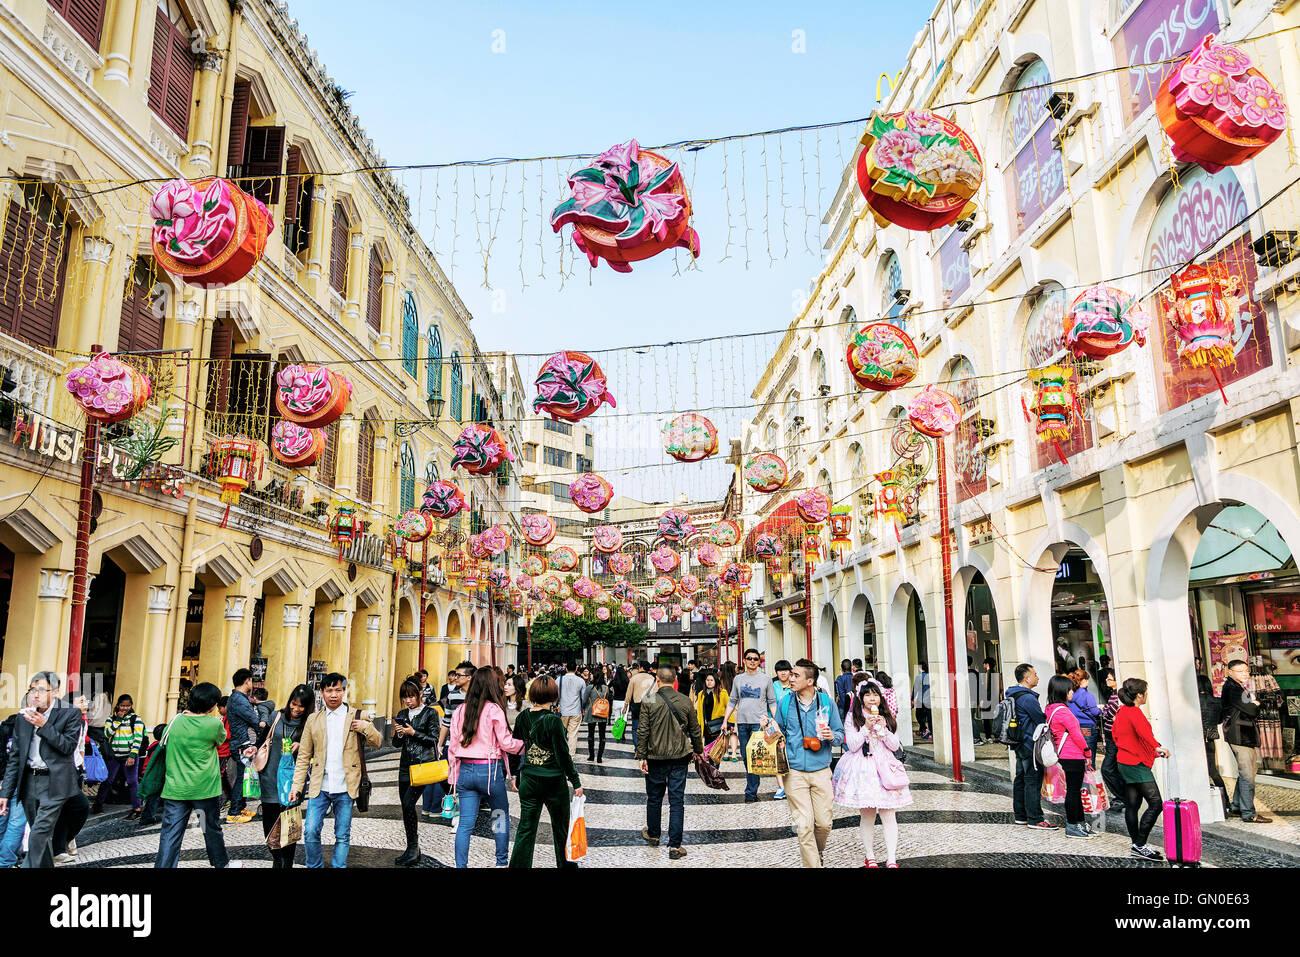 Leal Piazza Senado famosa attrazione turistica nel centro della vecchia città coloniale area di Macao Macao Immagini Stock